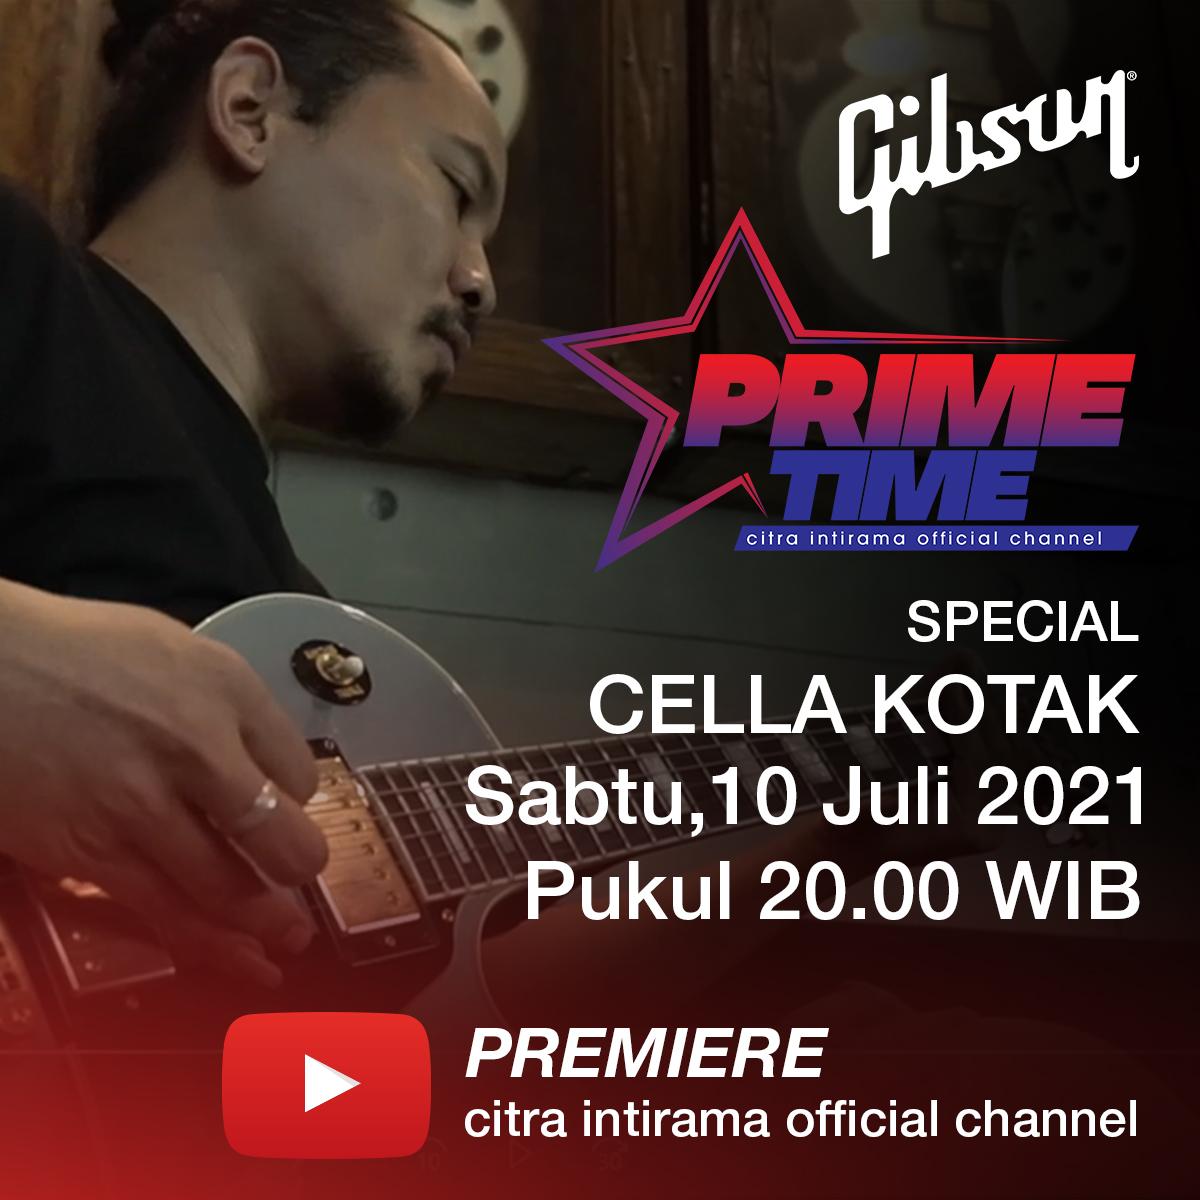 prime-time-special-cella-kotak